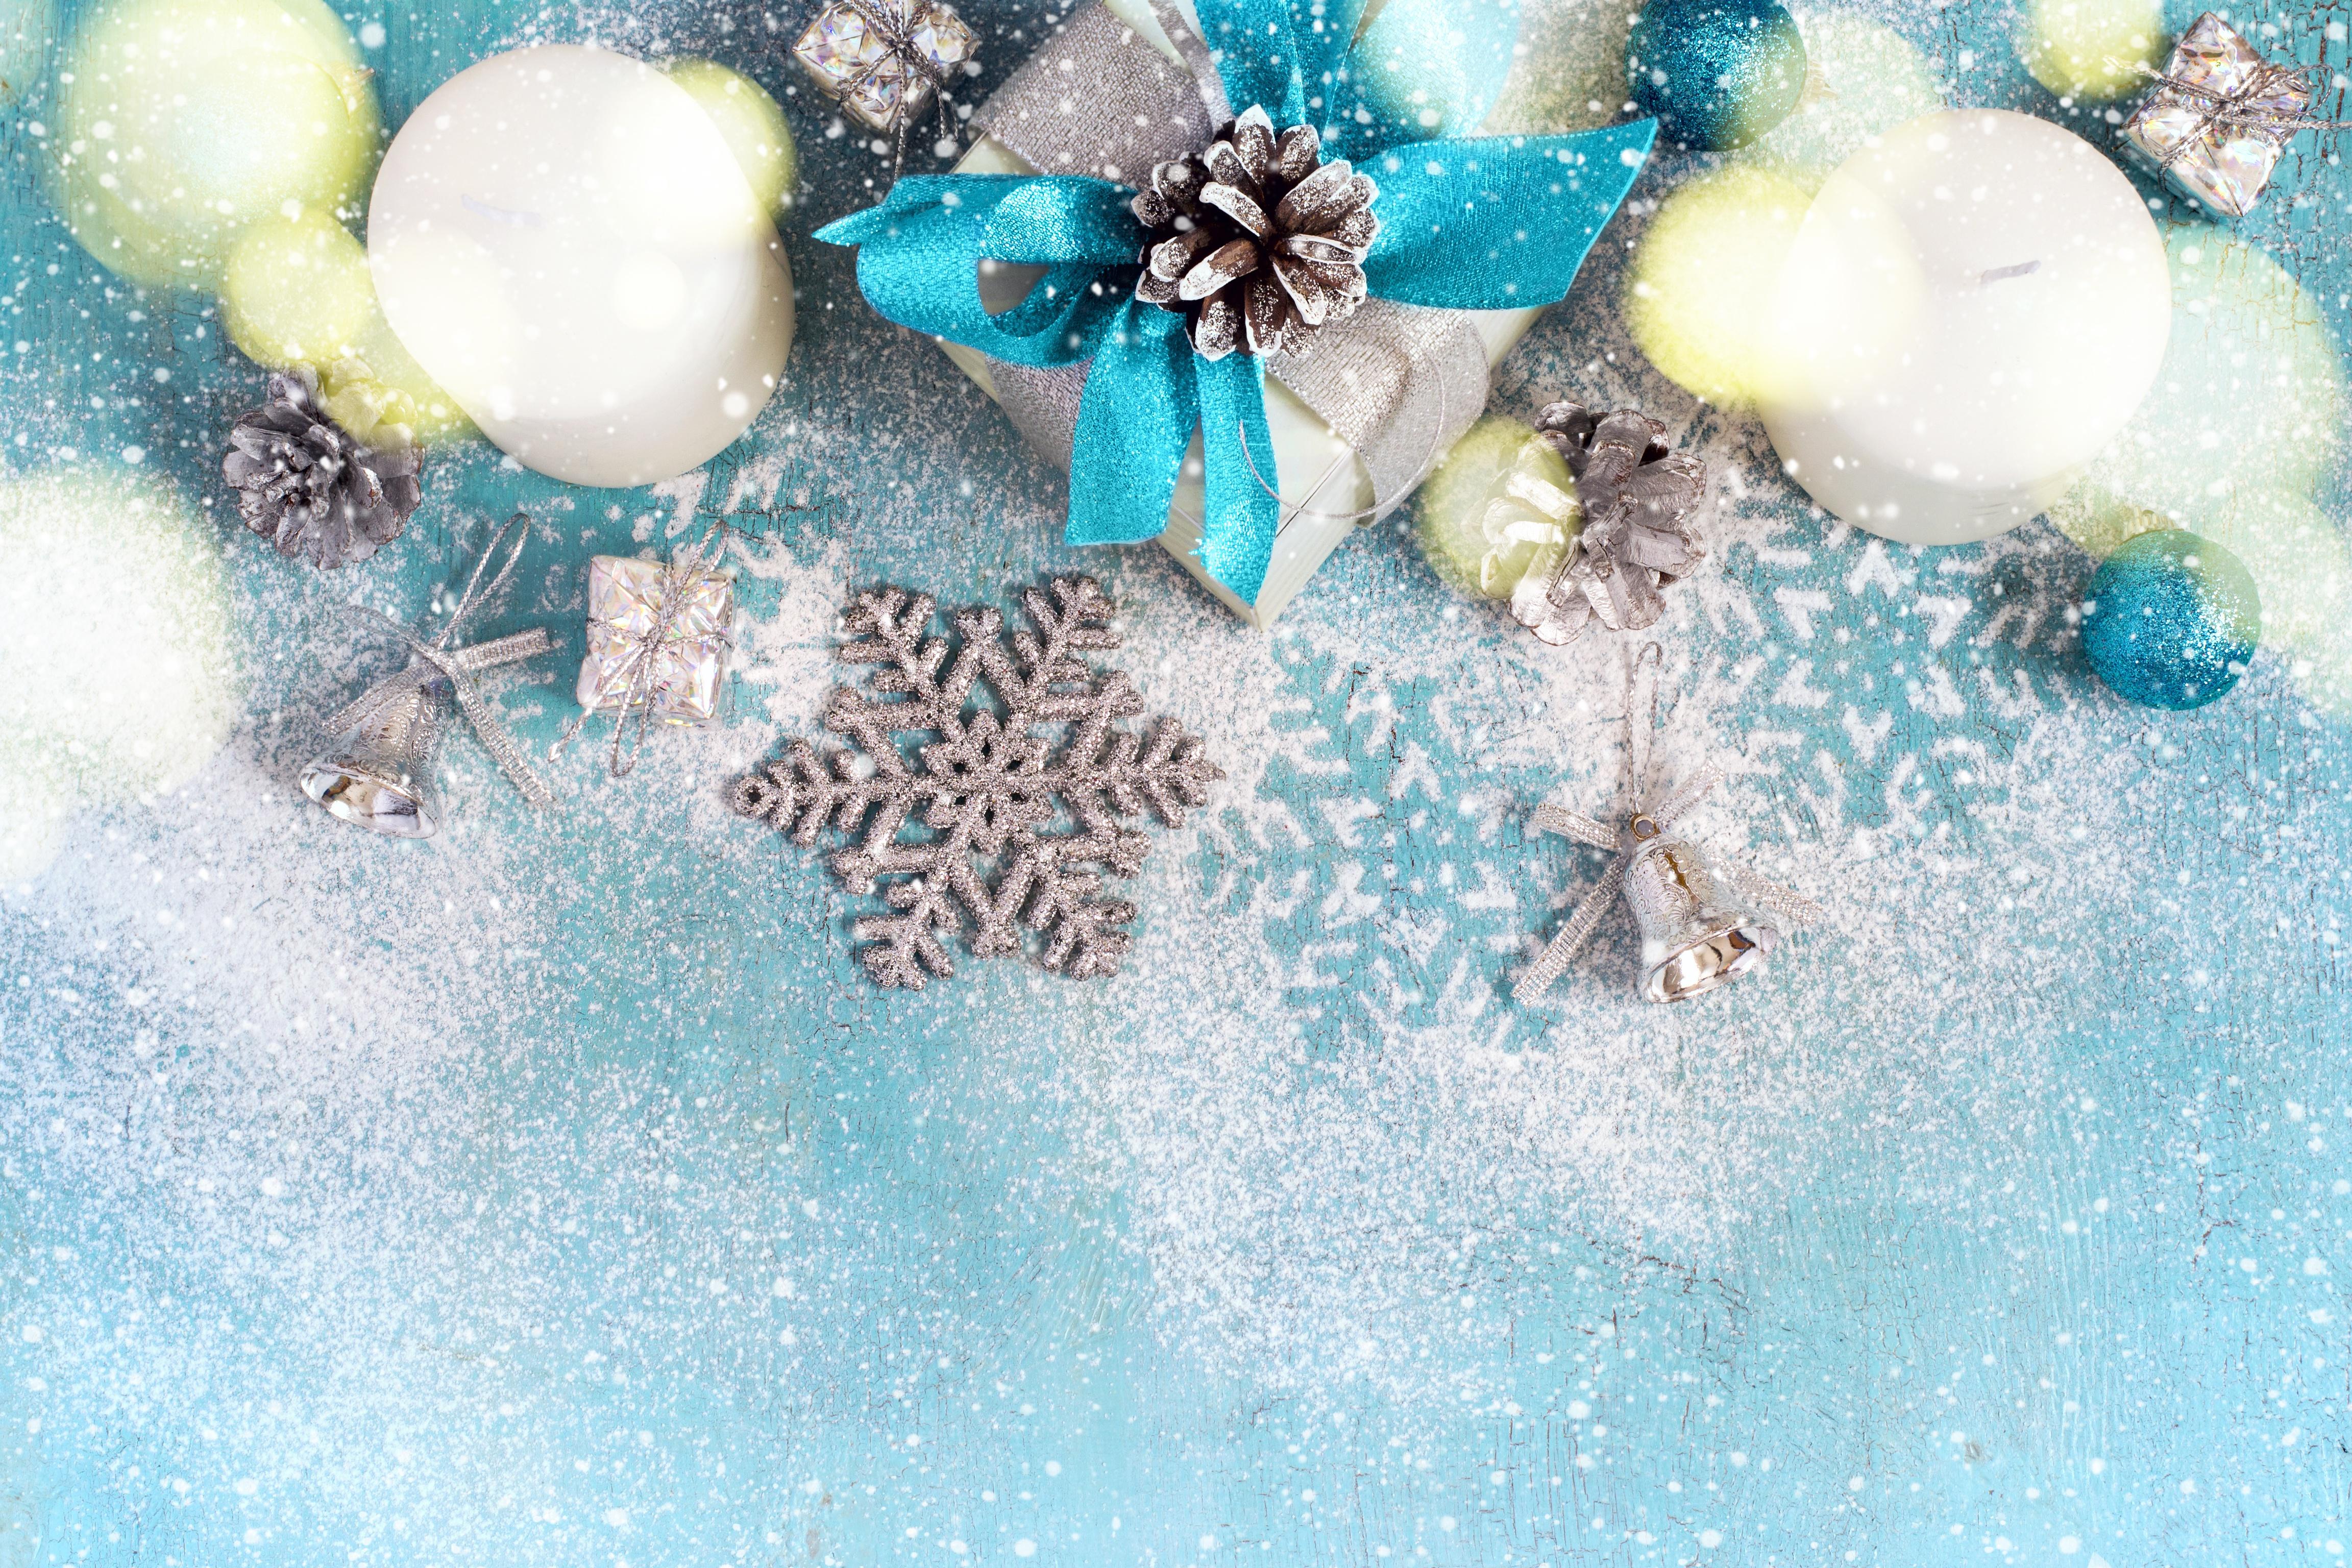 рождество,снежинки,снег,пингвиненок  № 442162 загрузить